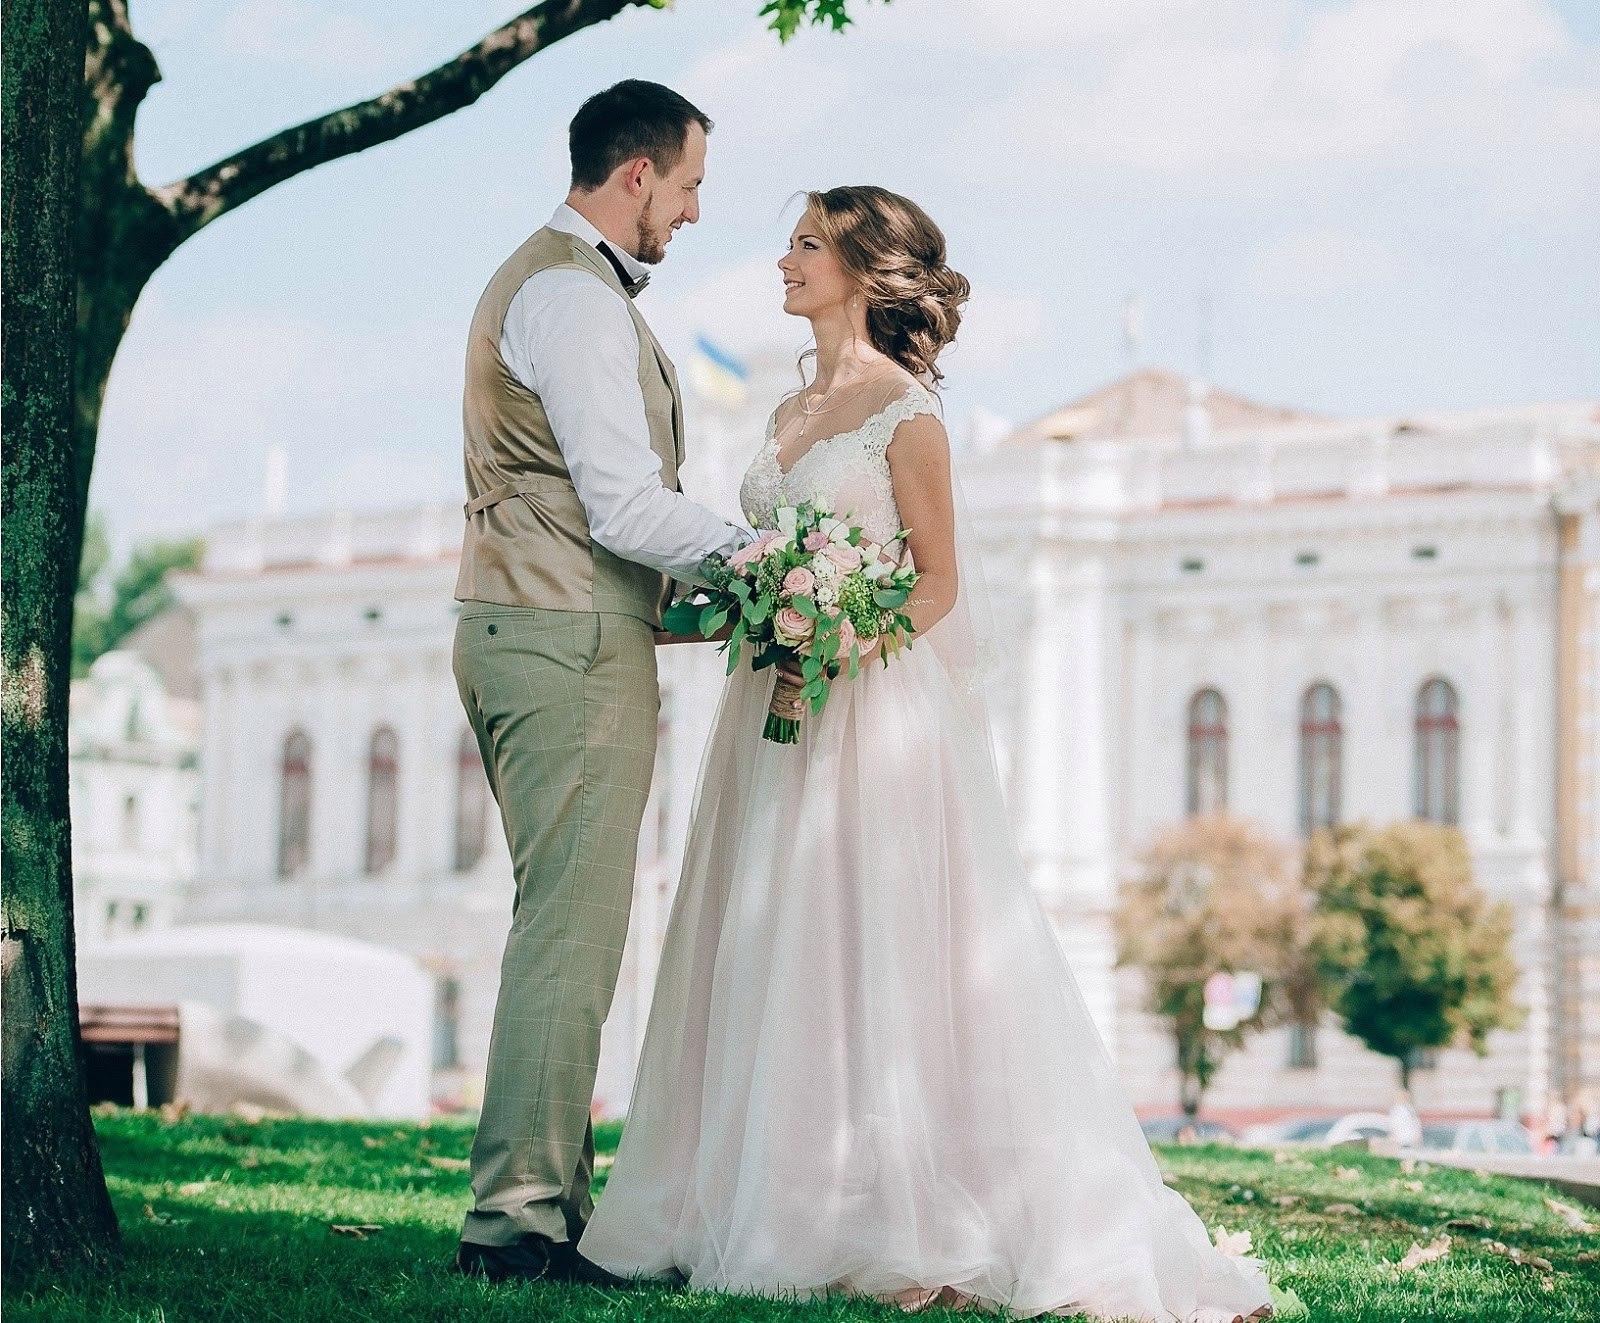 PNbs2y4My g - Трагические заблуждения относительно брака